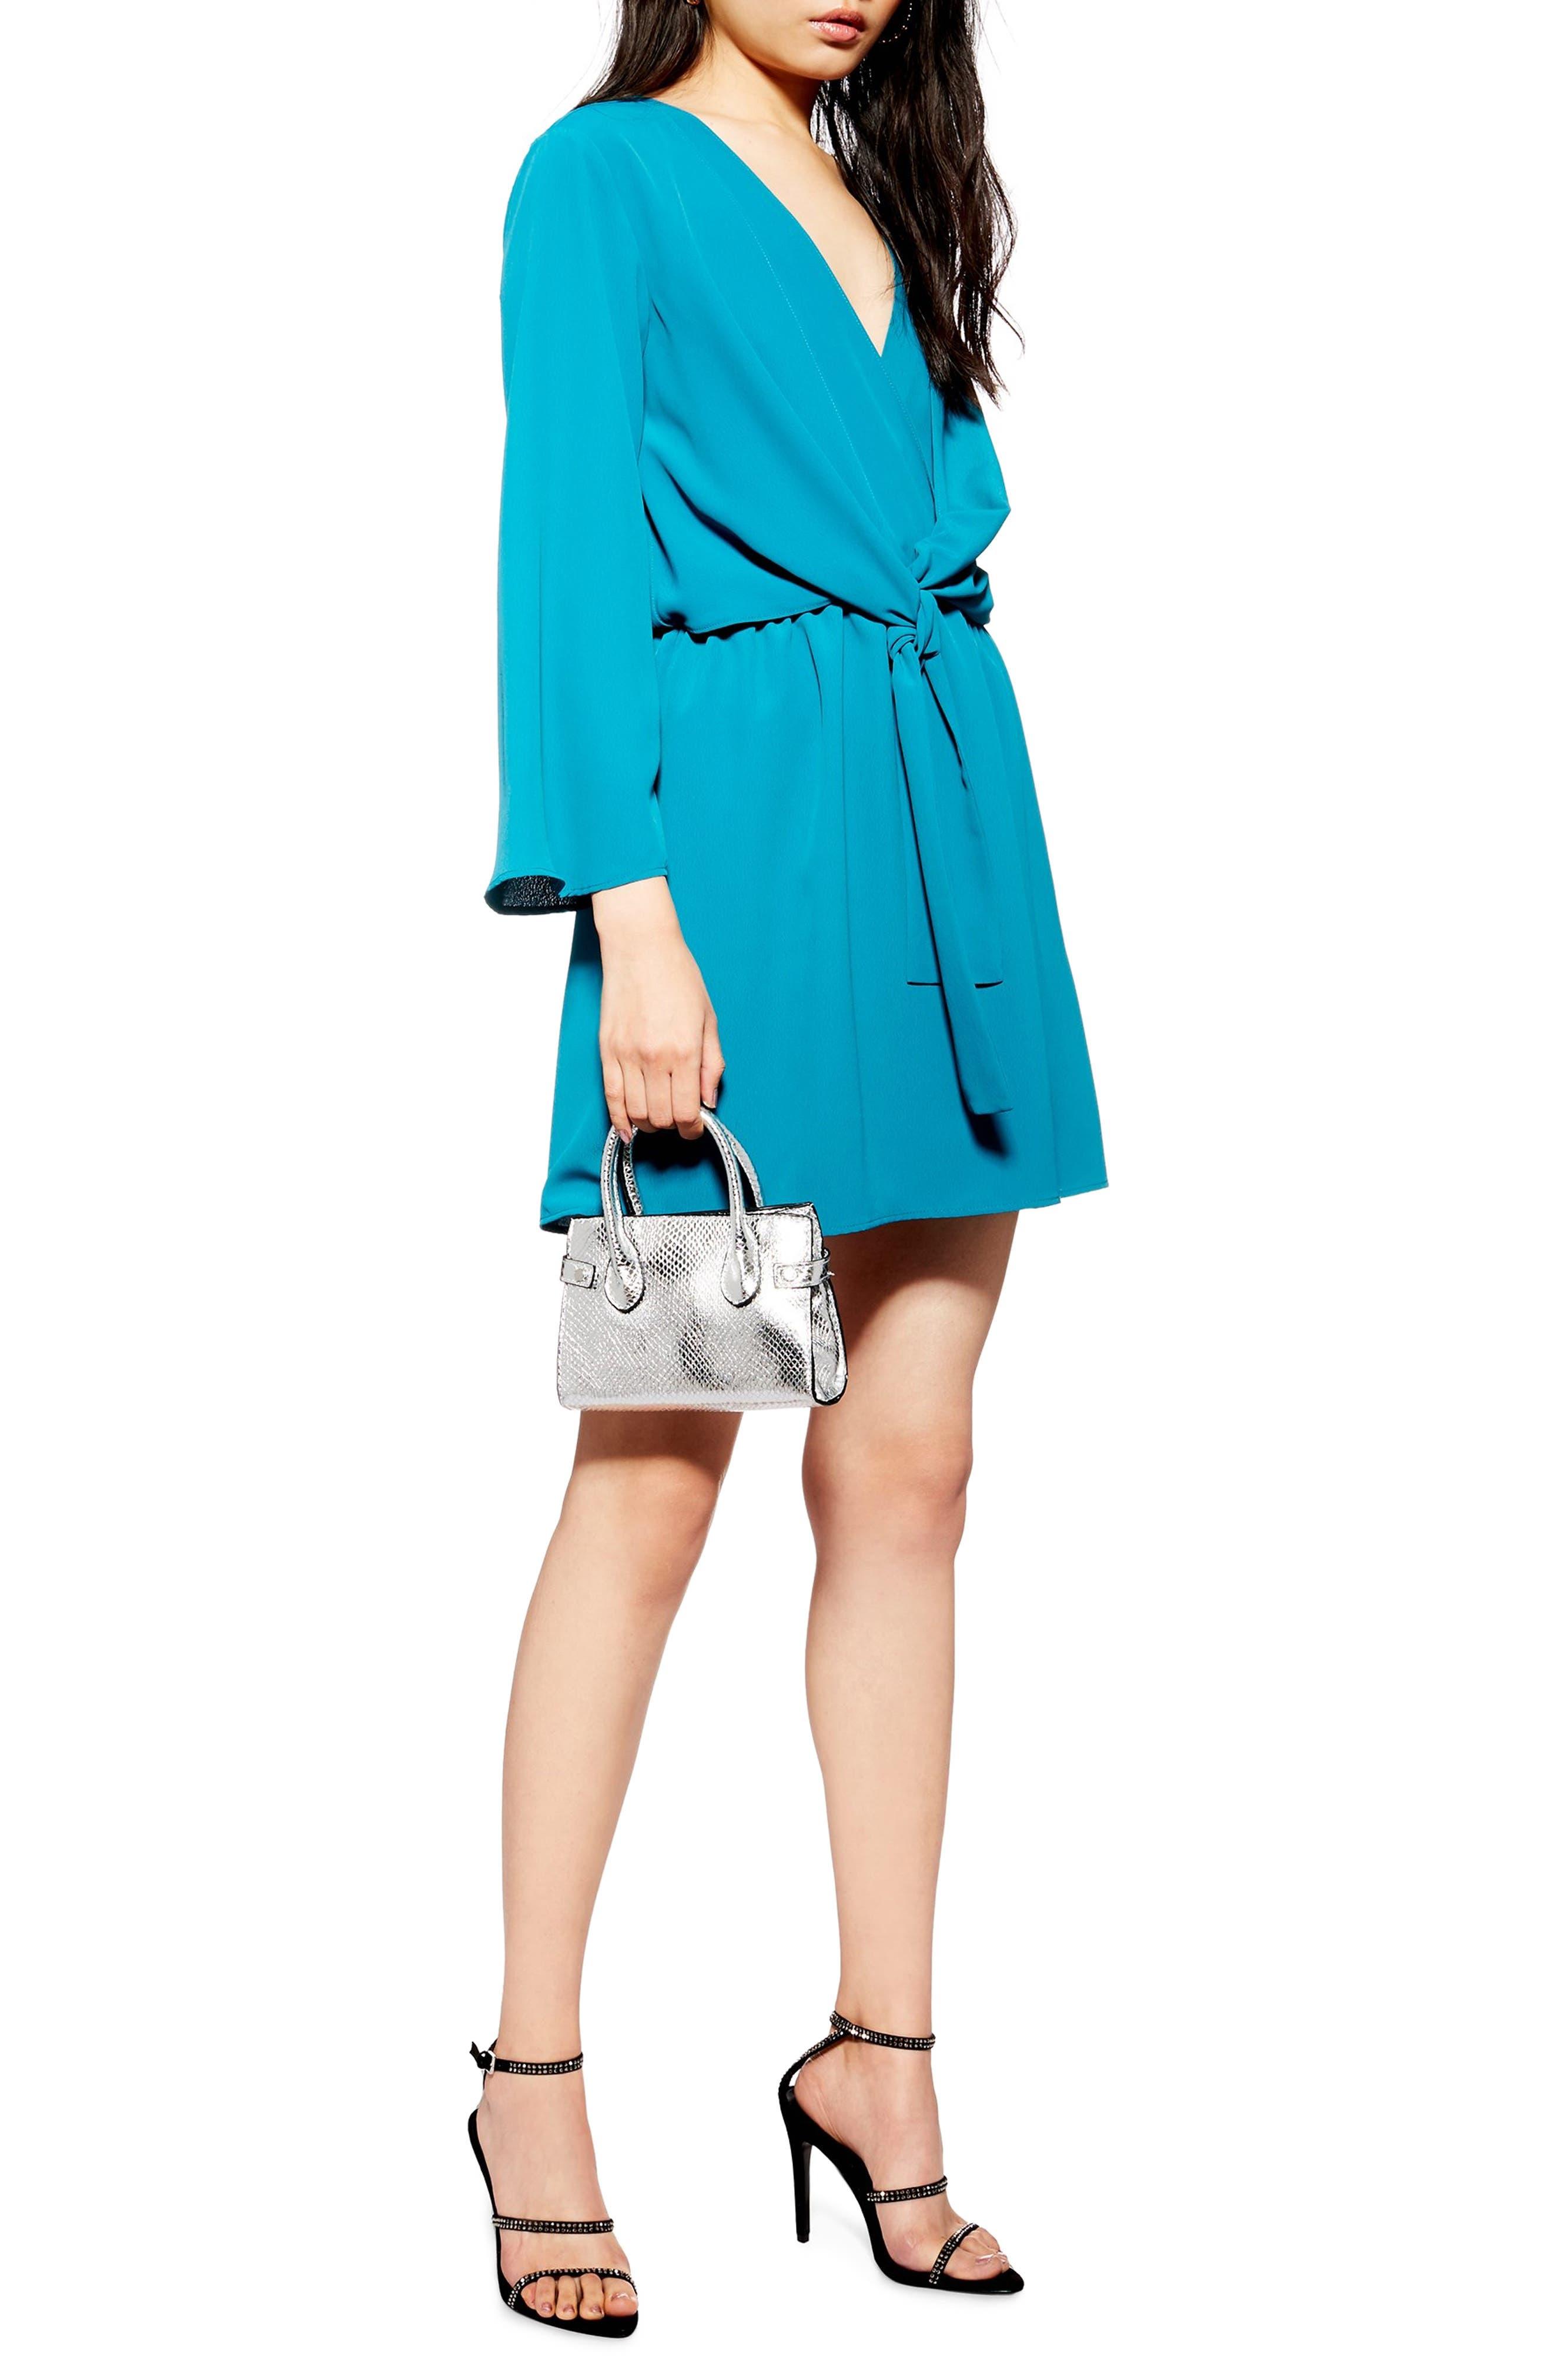 TOPSHOP, Tiffany Knot Minidress, Main thumbnail 1, color, TEAL